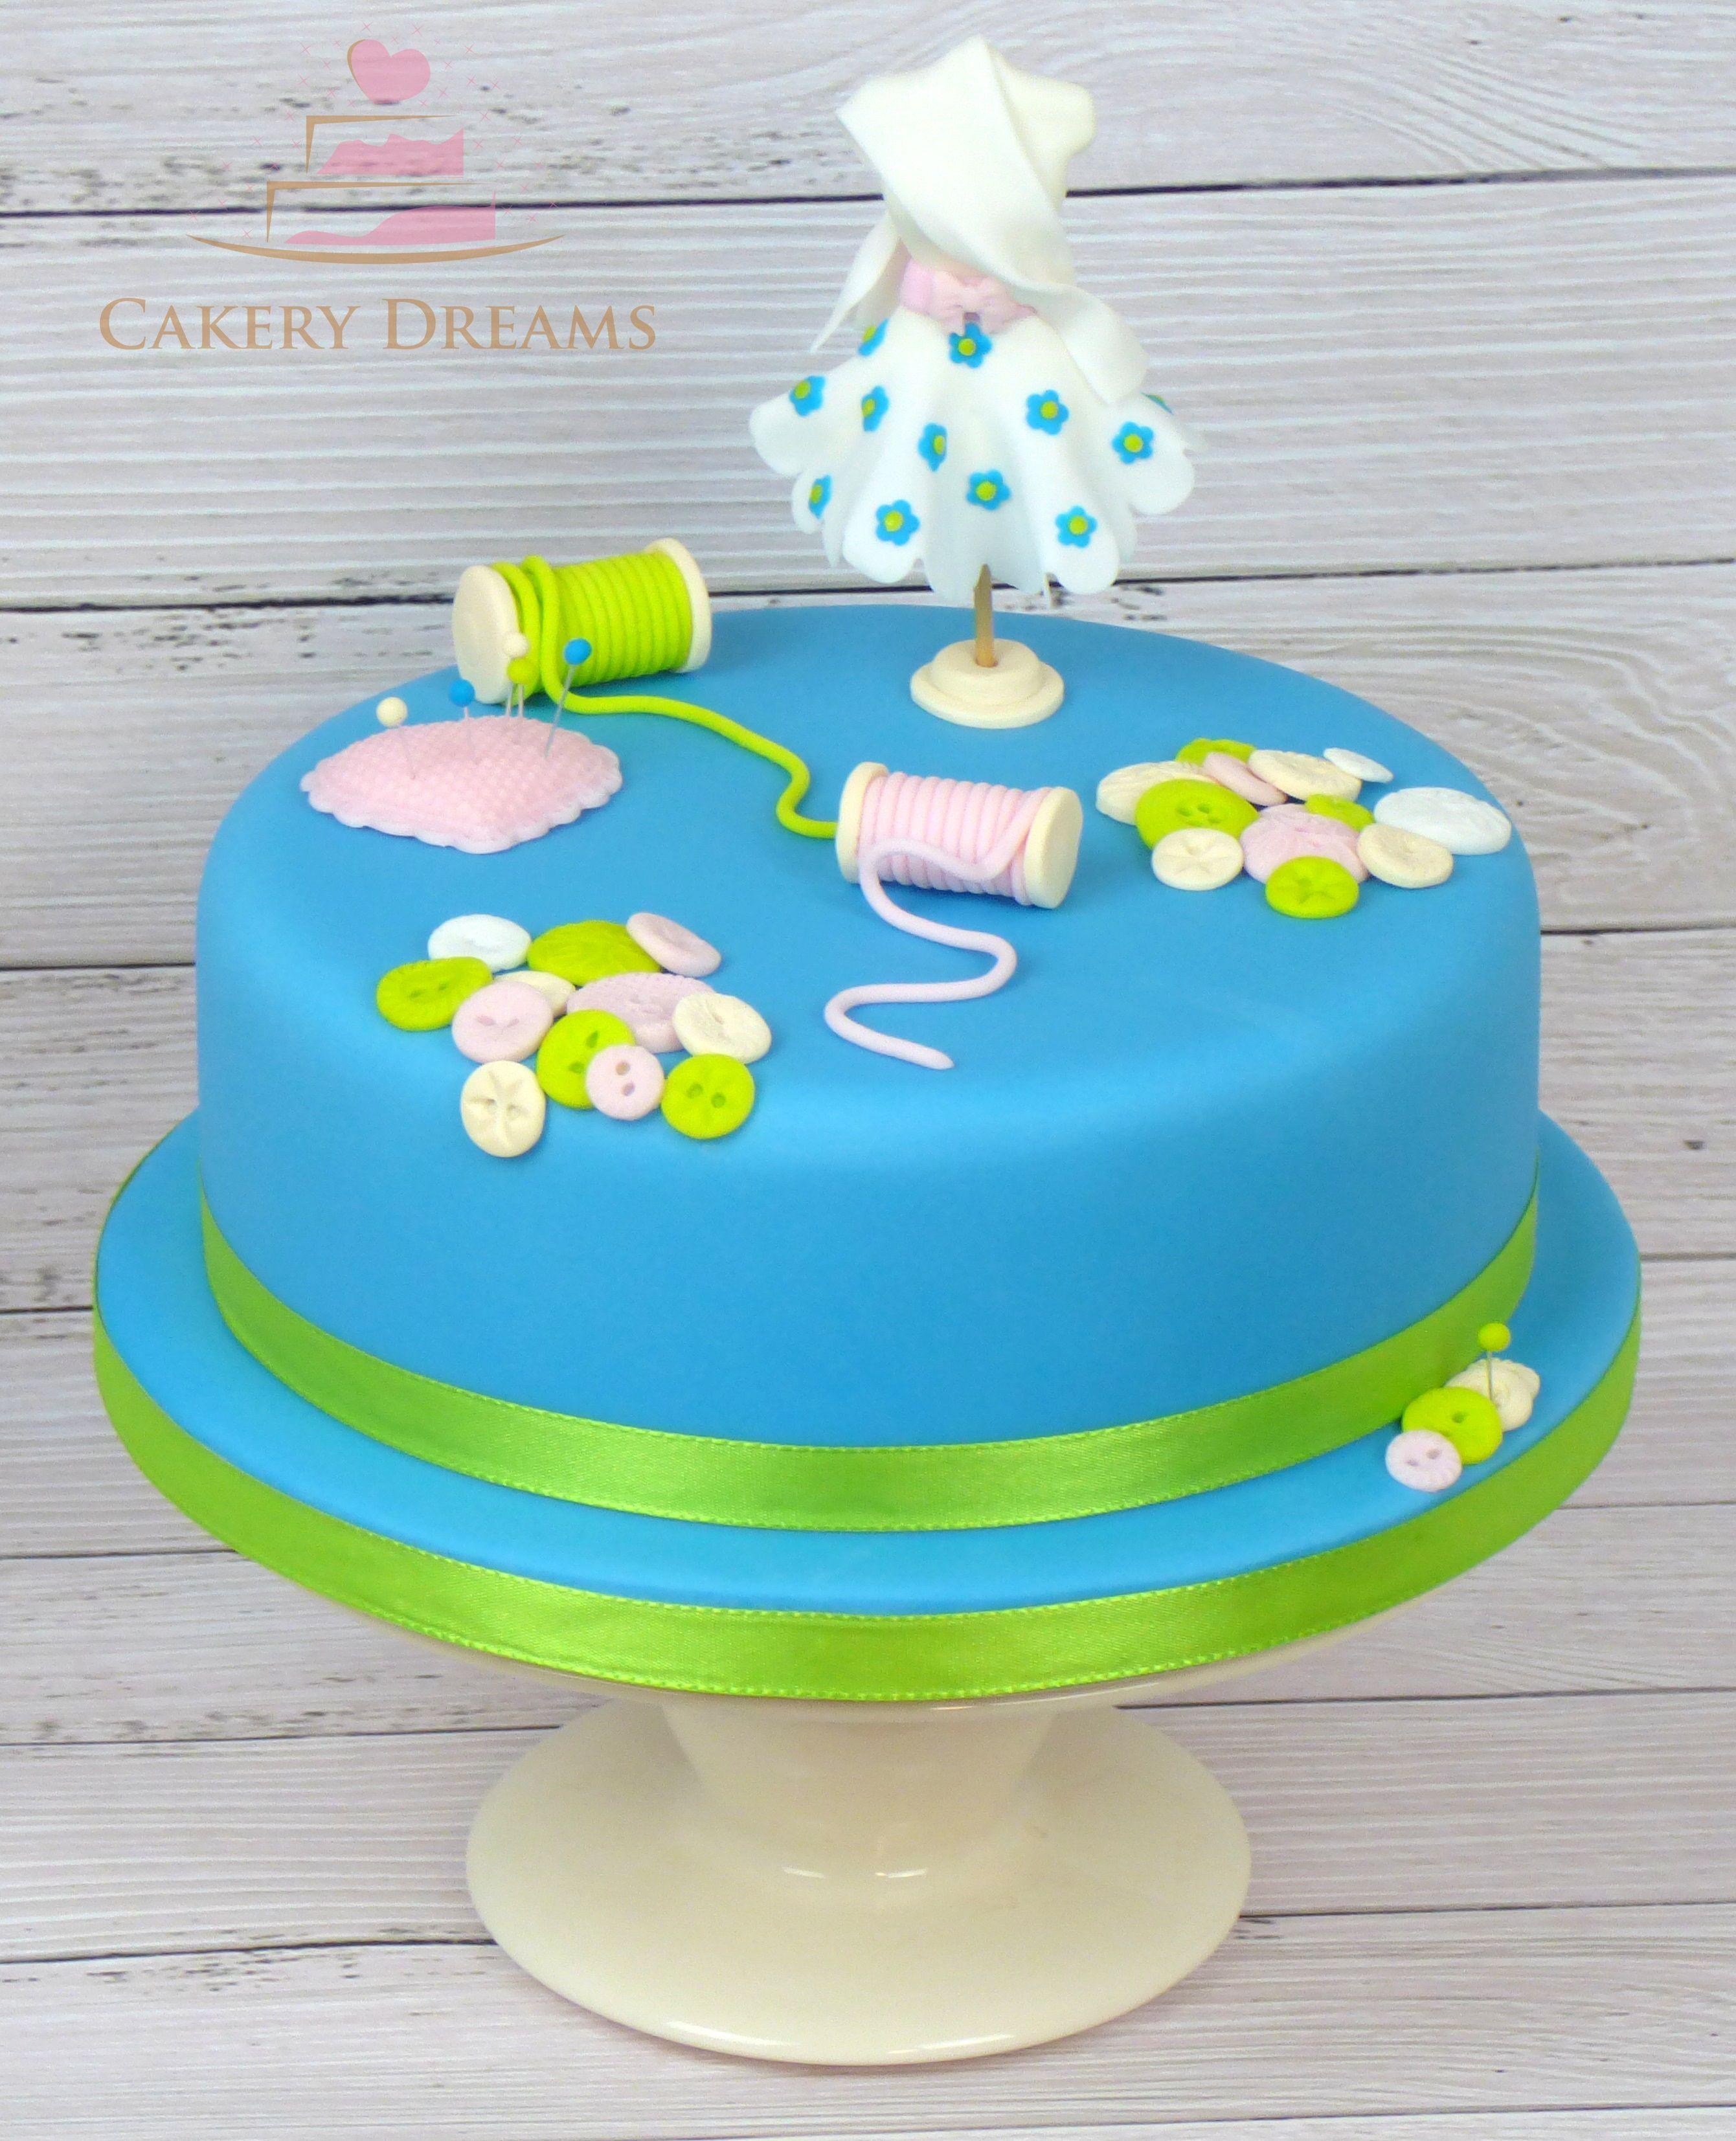 #fondant, #fondanttorte, #cakedecorating #cakedesign #cake ...